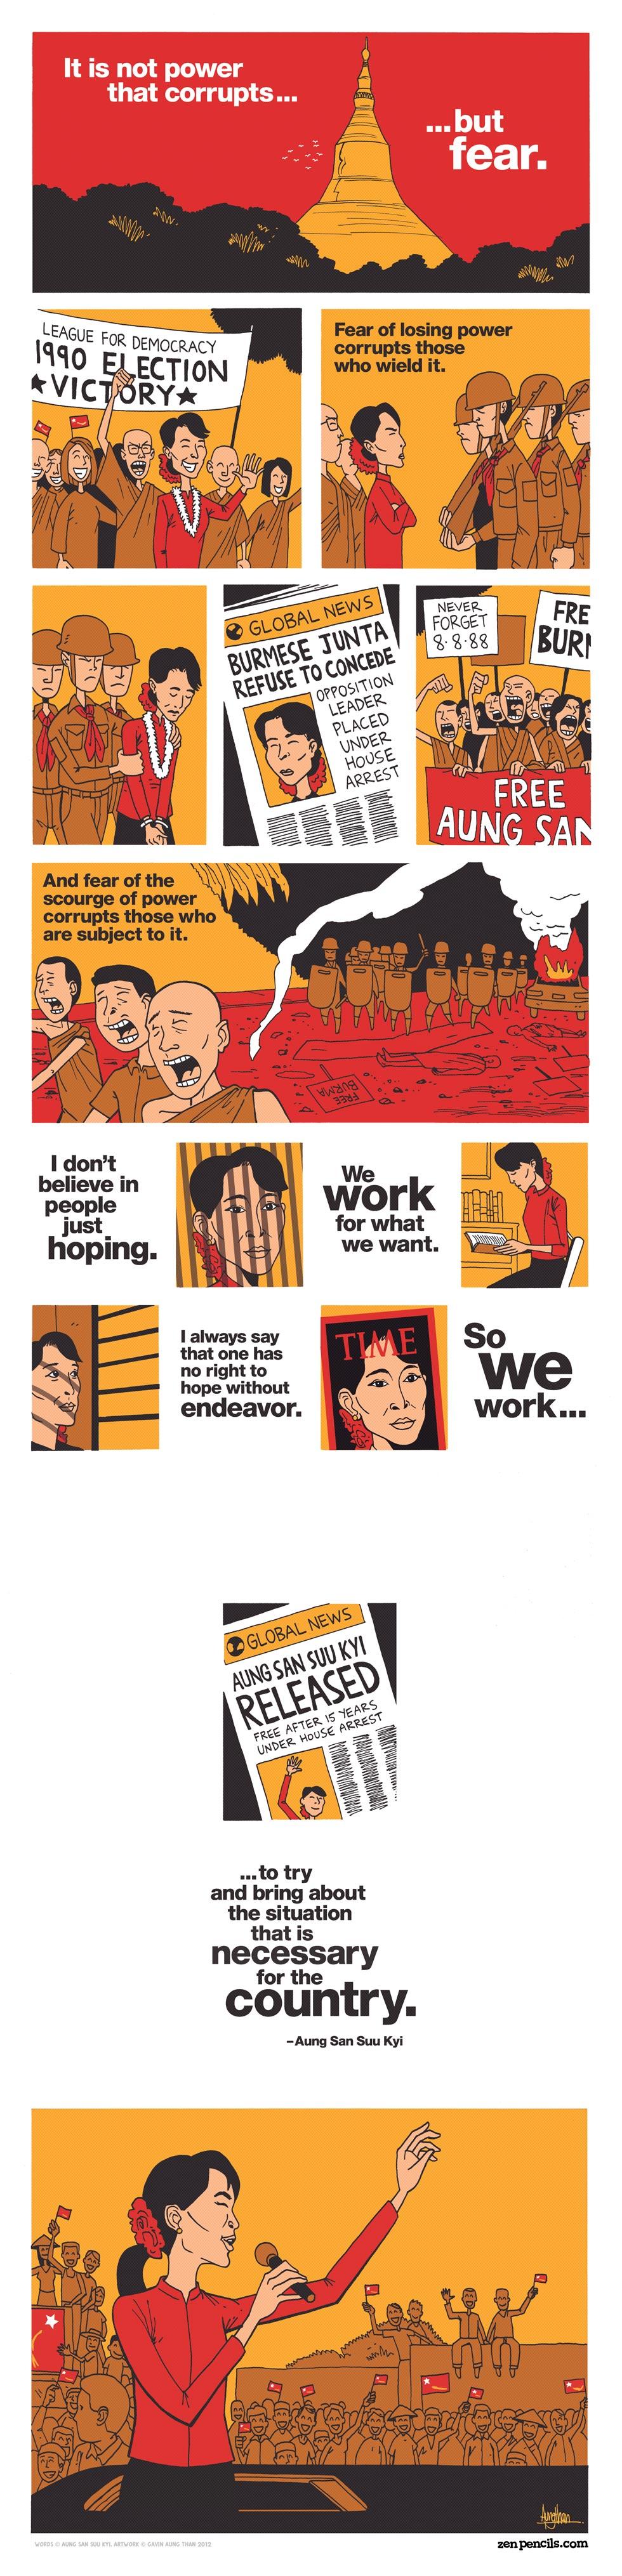 Aung San Suu Kyi: Freedom for Fear